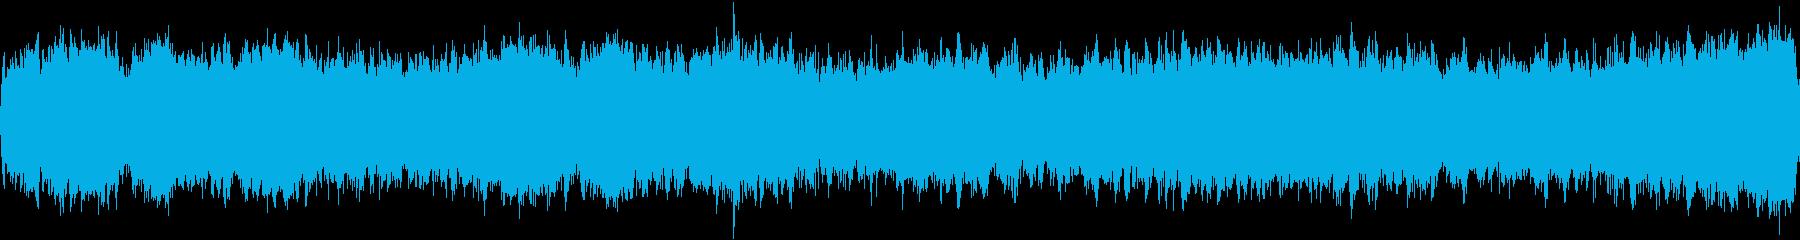 ロックオーケストラ 戦いpart1ループの再生済みの波形